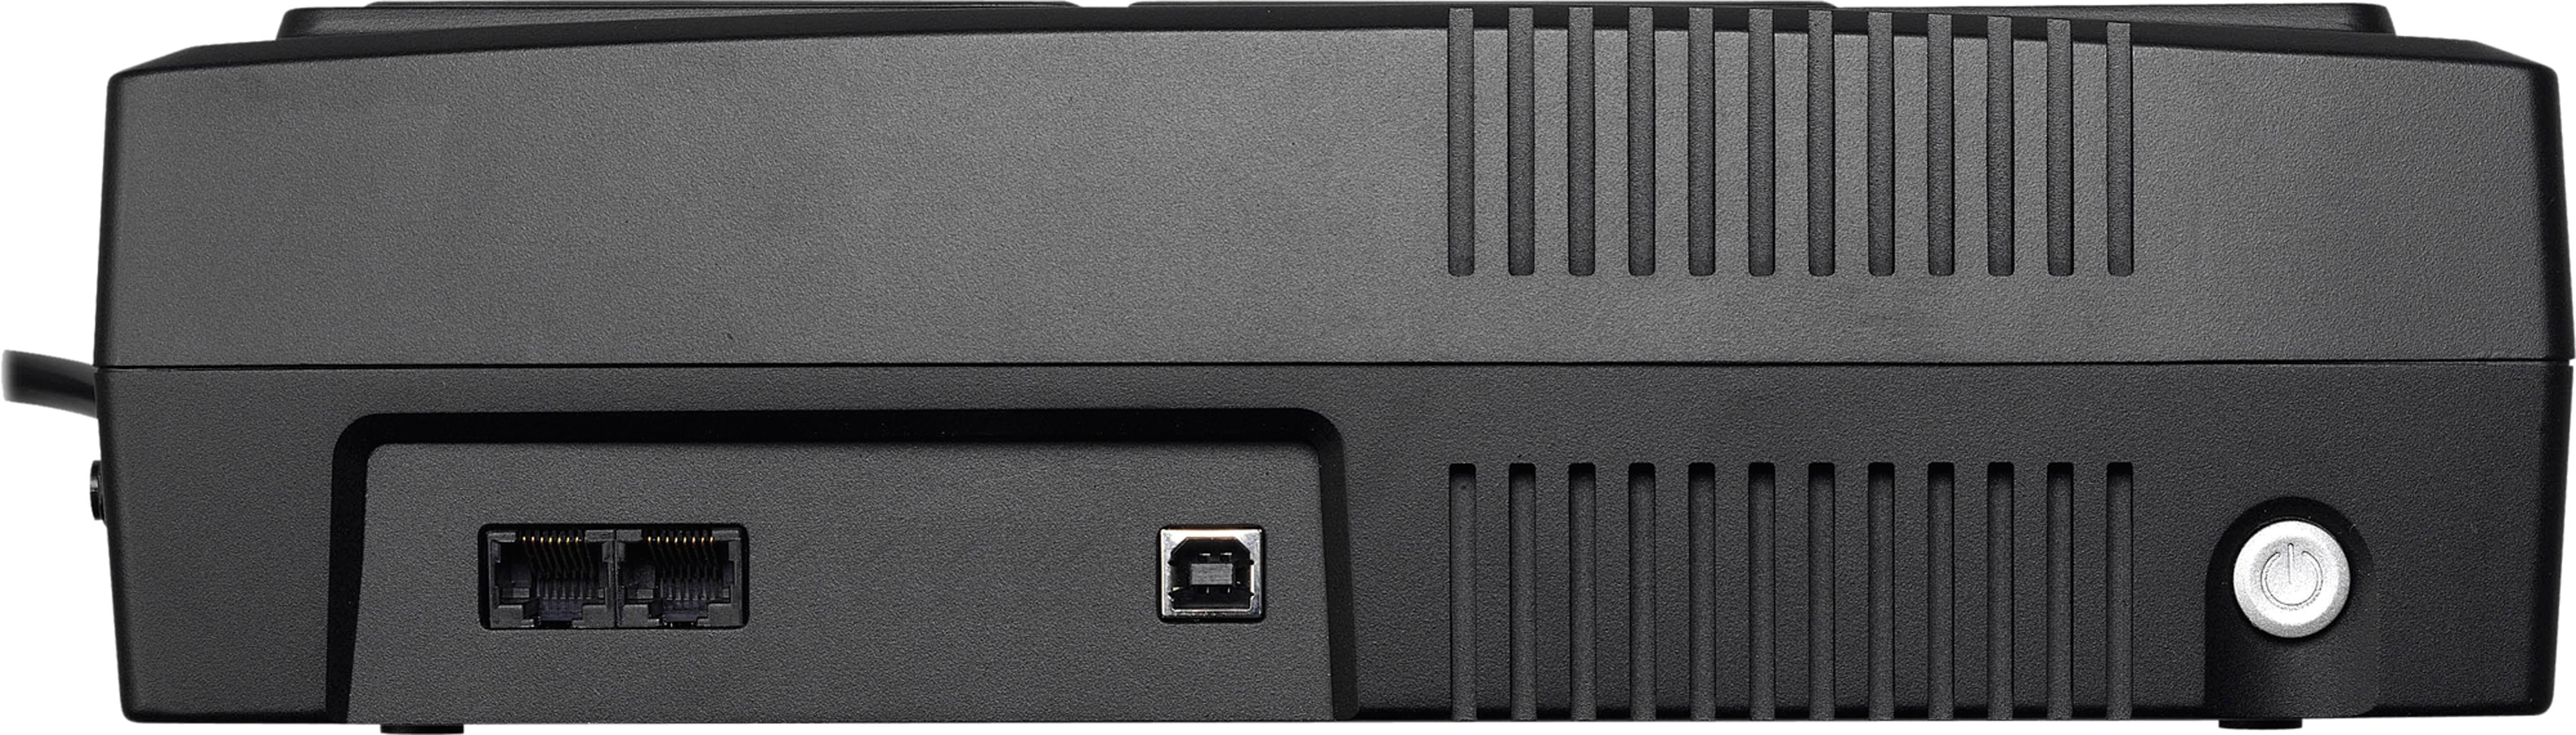 PowerMust 637 Plus 21vek.by 886000.000